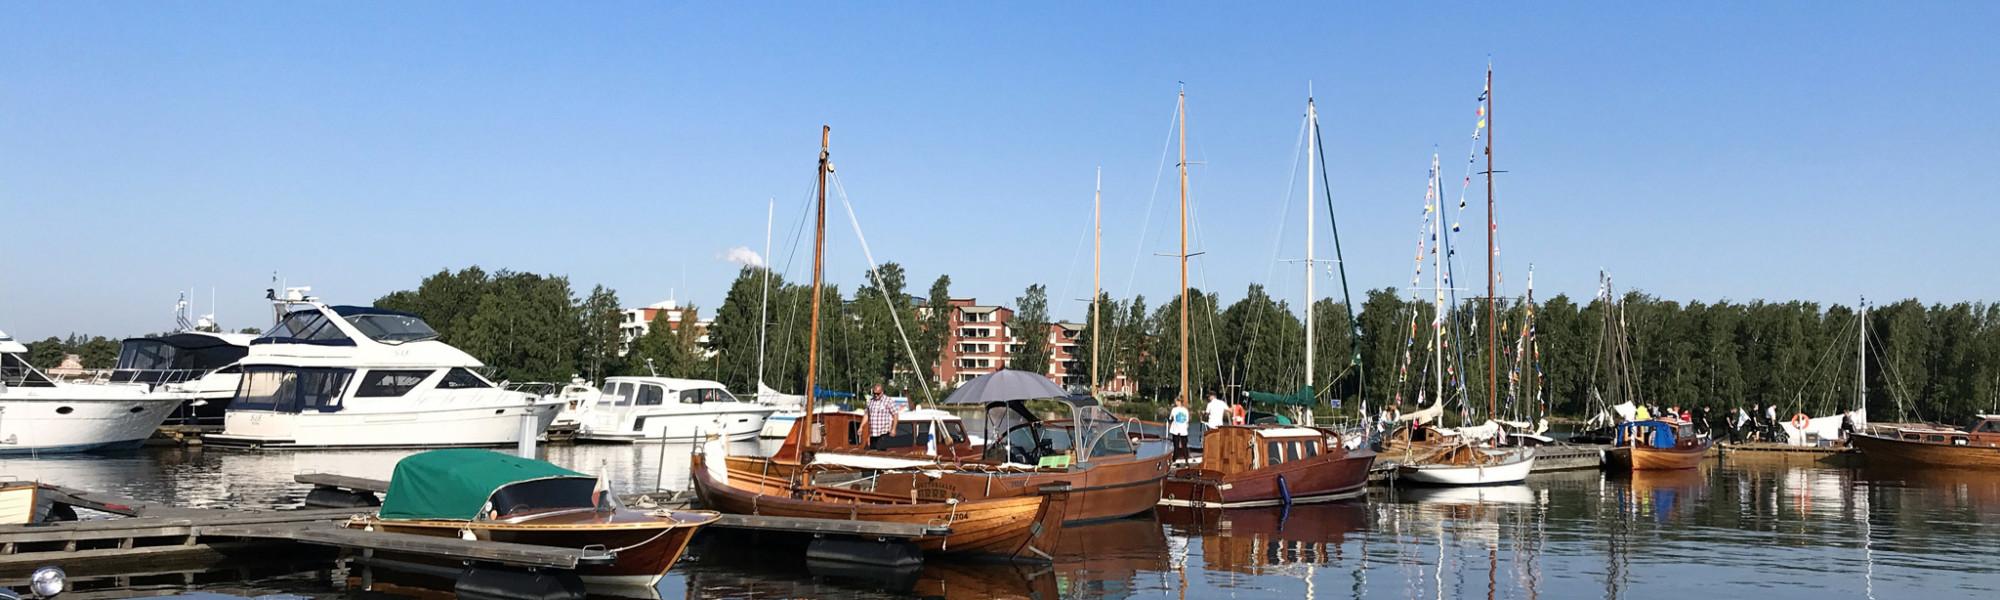 Veneitä Sapokan venelaiturissa